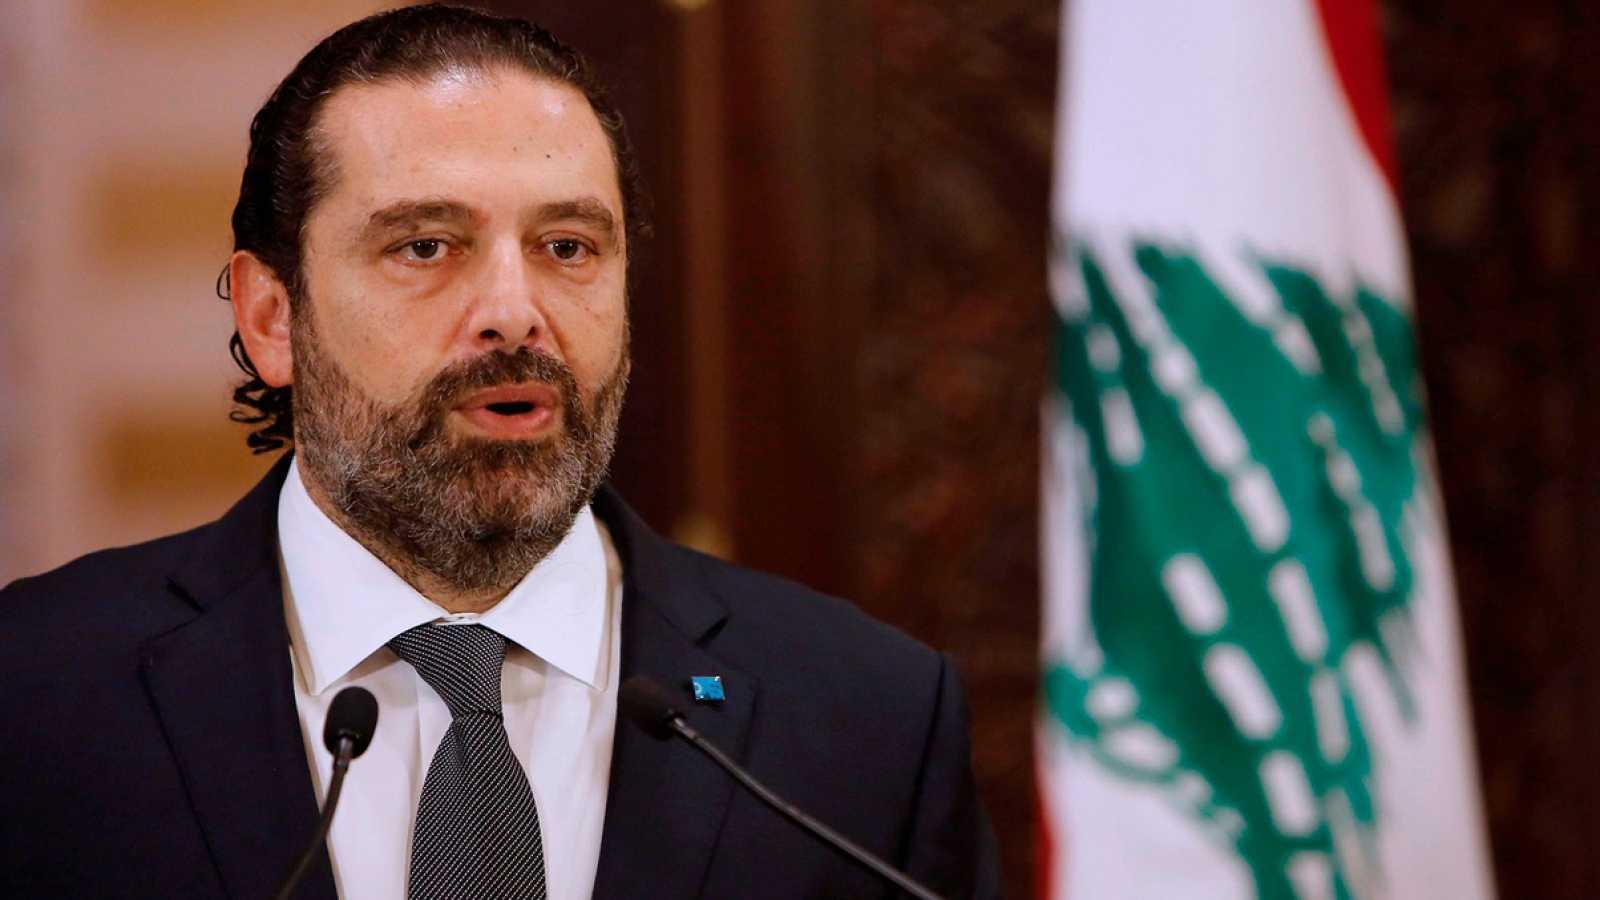 Dimite el primer ministro libanés, Saad Hariri